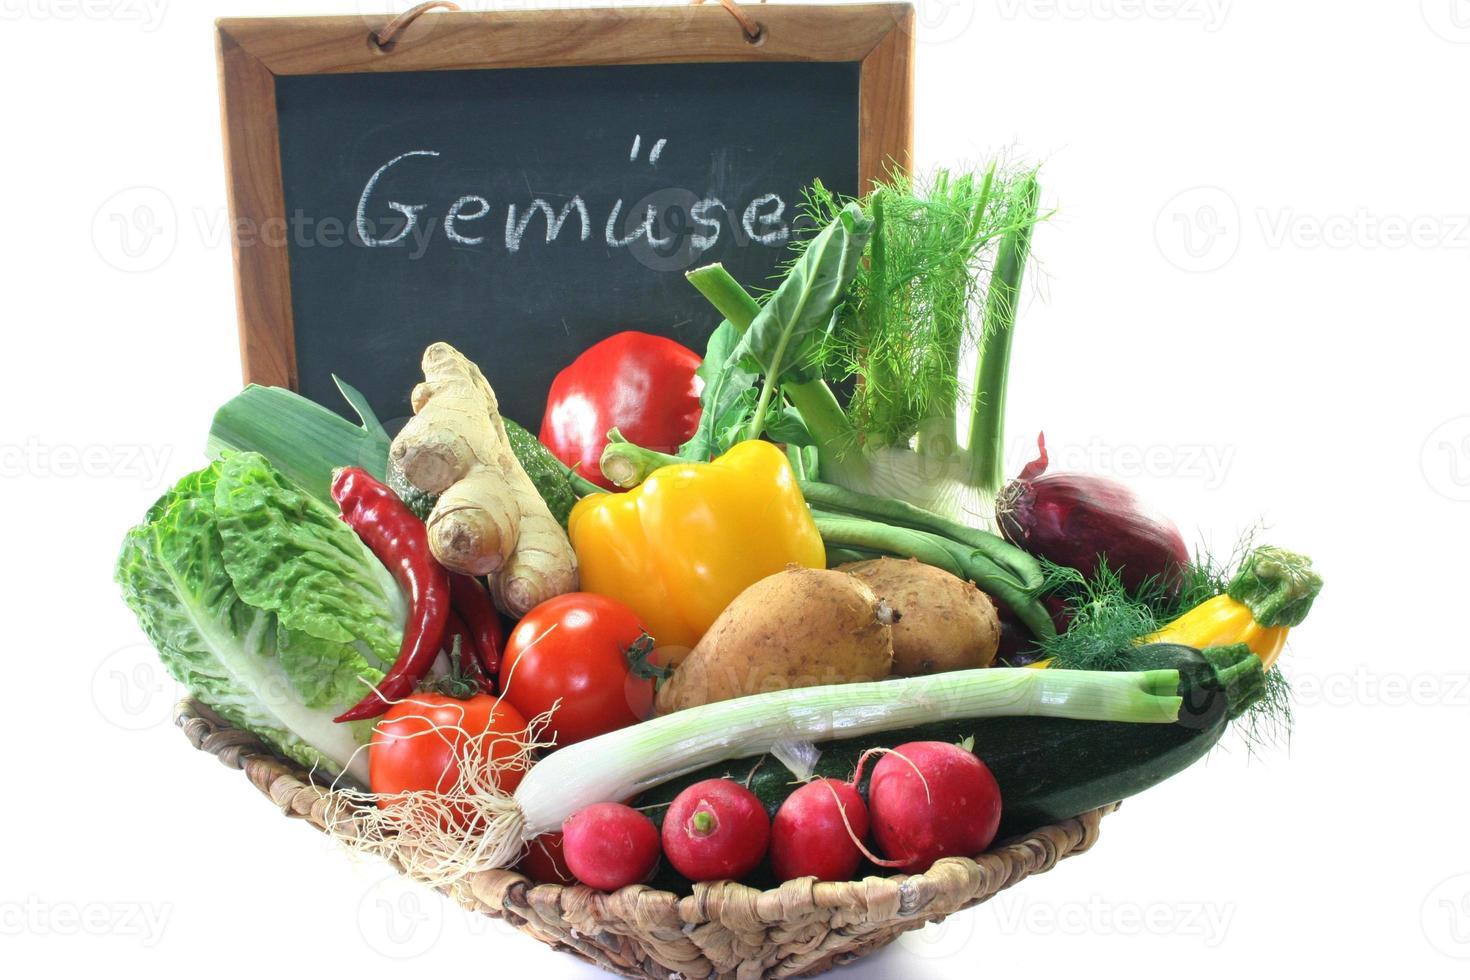 Gemüsemarkt foto